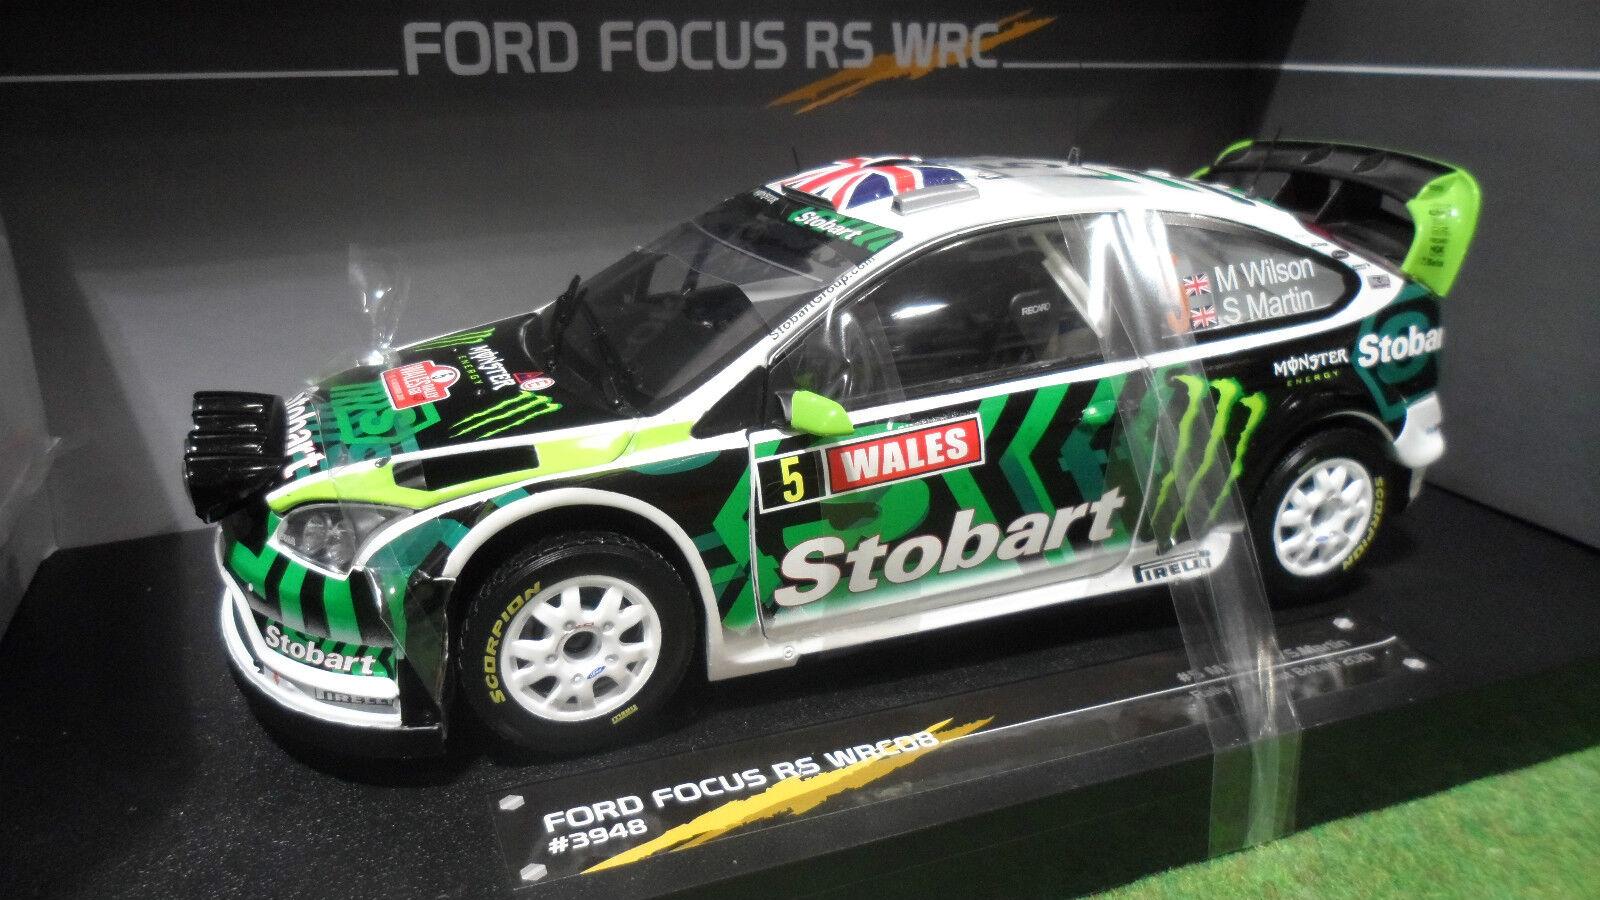 Envío y cambio gratis. FORD FOCUS RS WRC08 RALLYE GREAT GREAT GREAT BRITAIN 1 18 SUN Estrella SUNEstrella 3948 voitur Rally  tienda de venta en línea